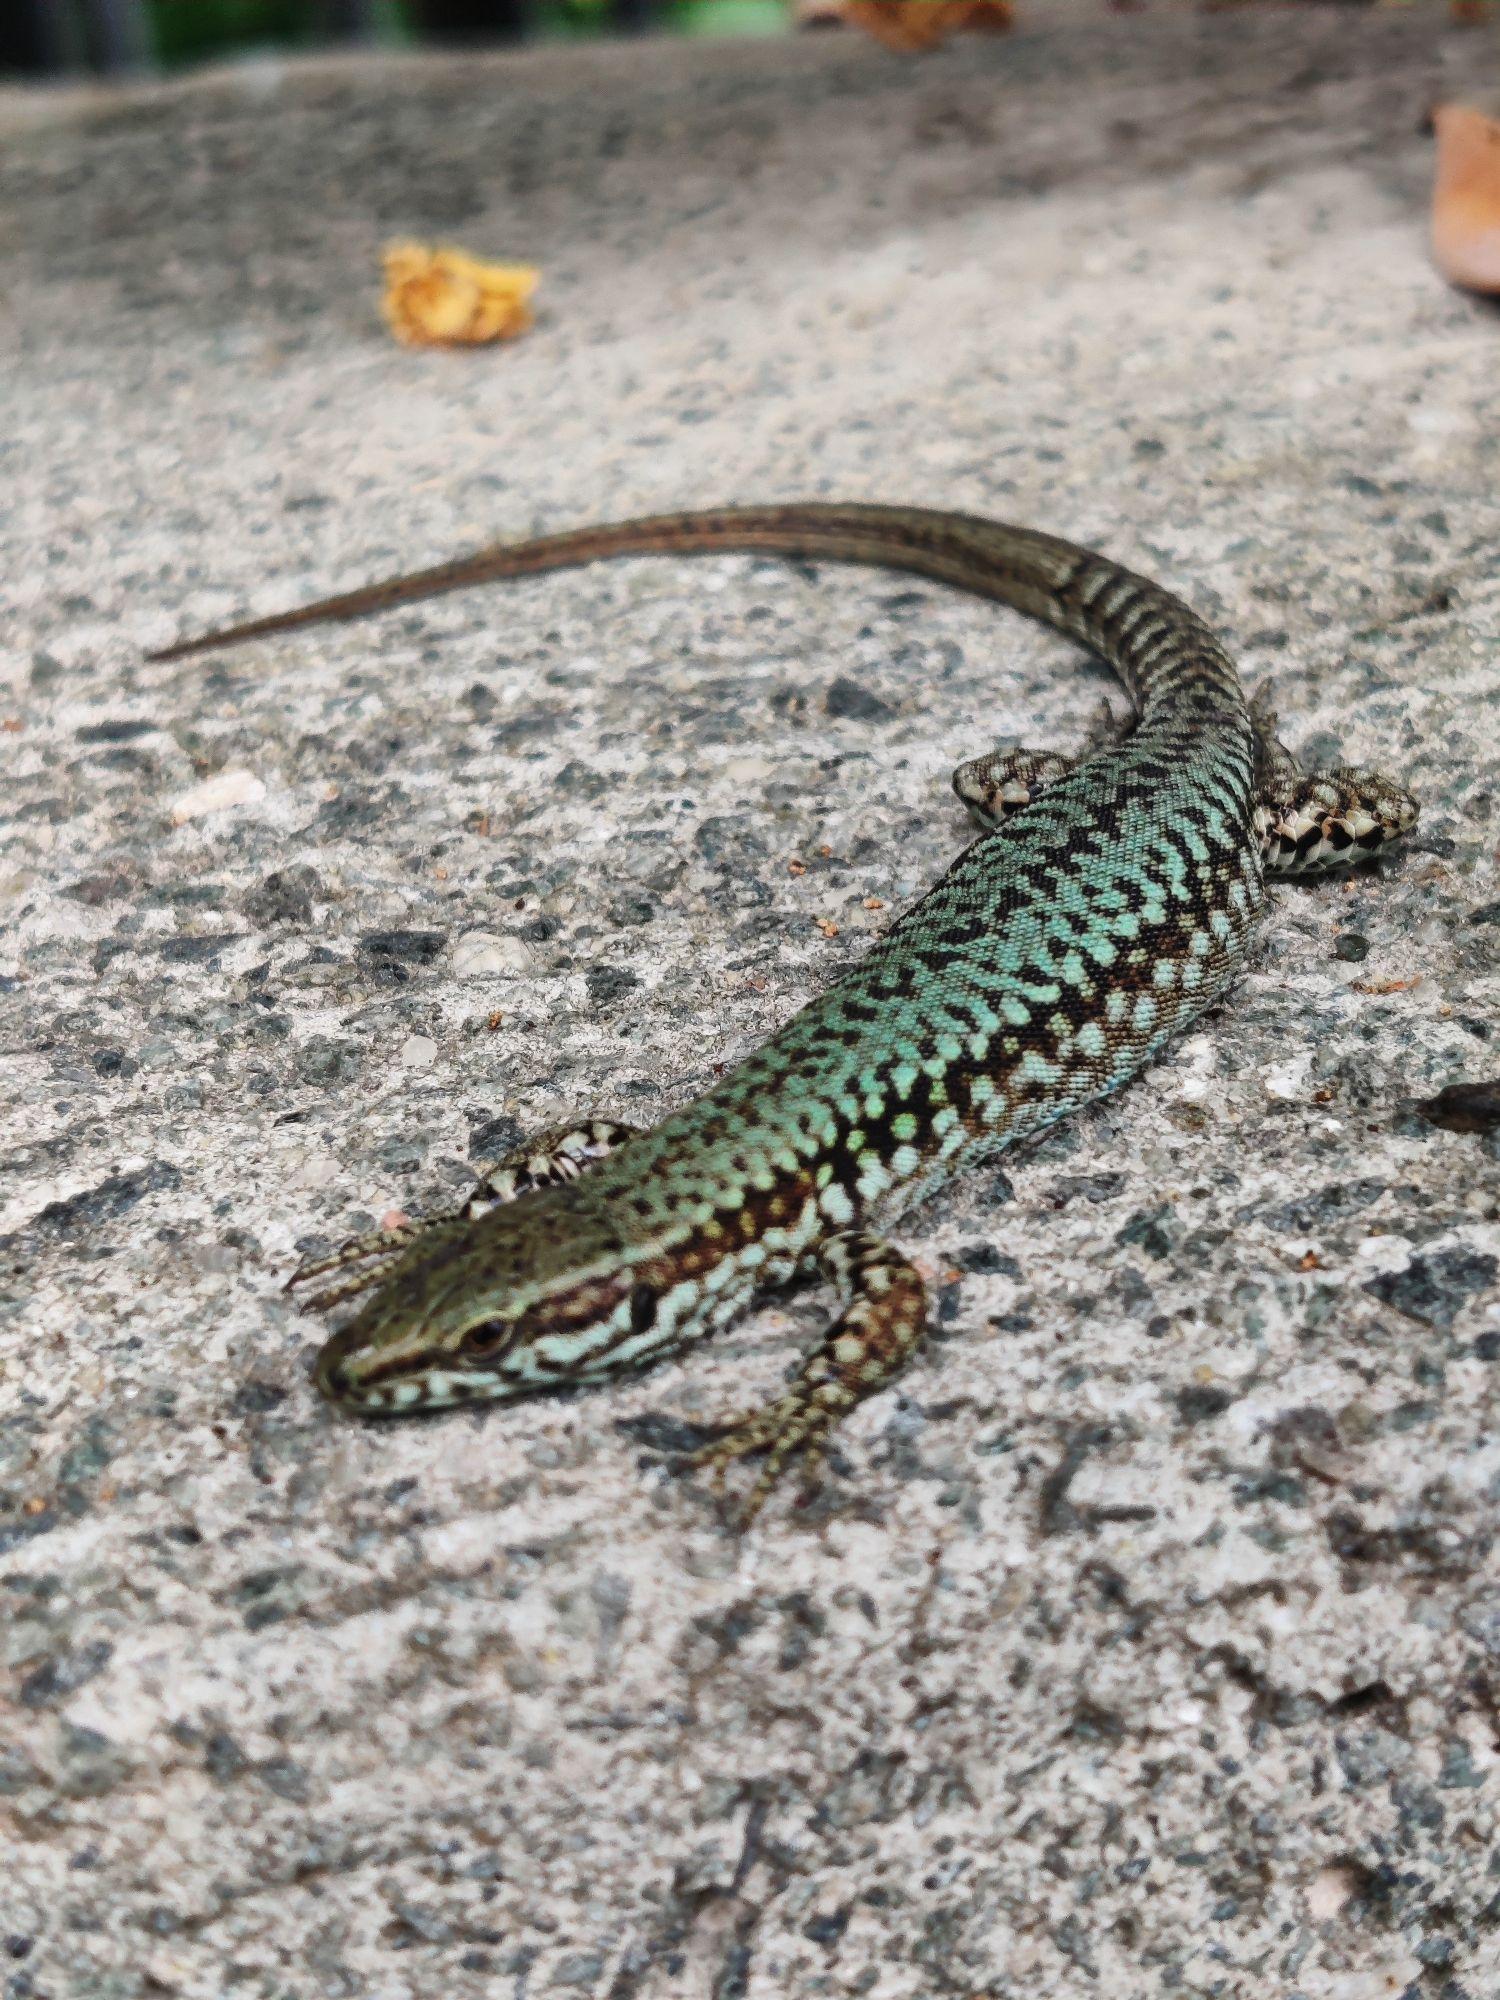 Этих зверей я не боюсь. А вот на тропе мы видели длинную змею.